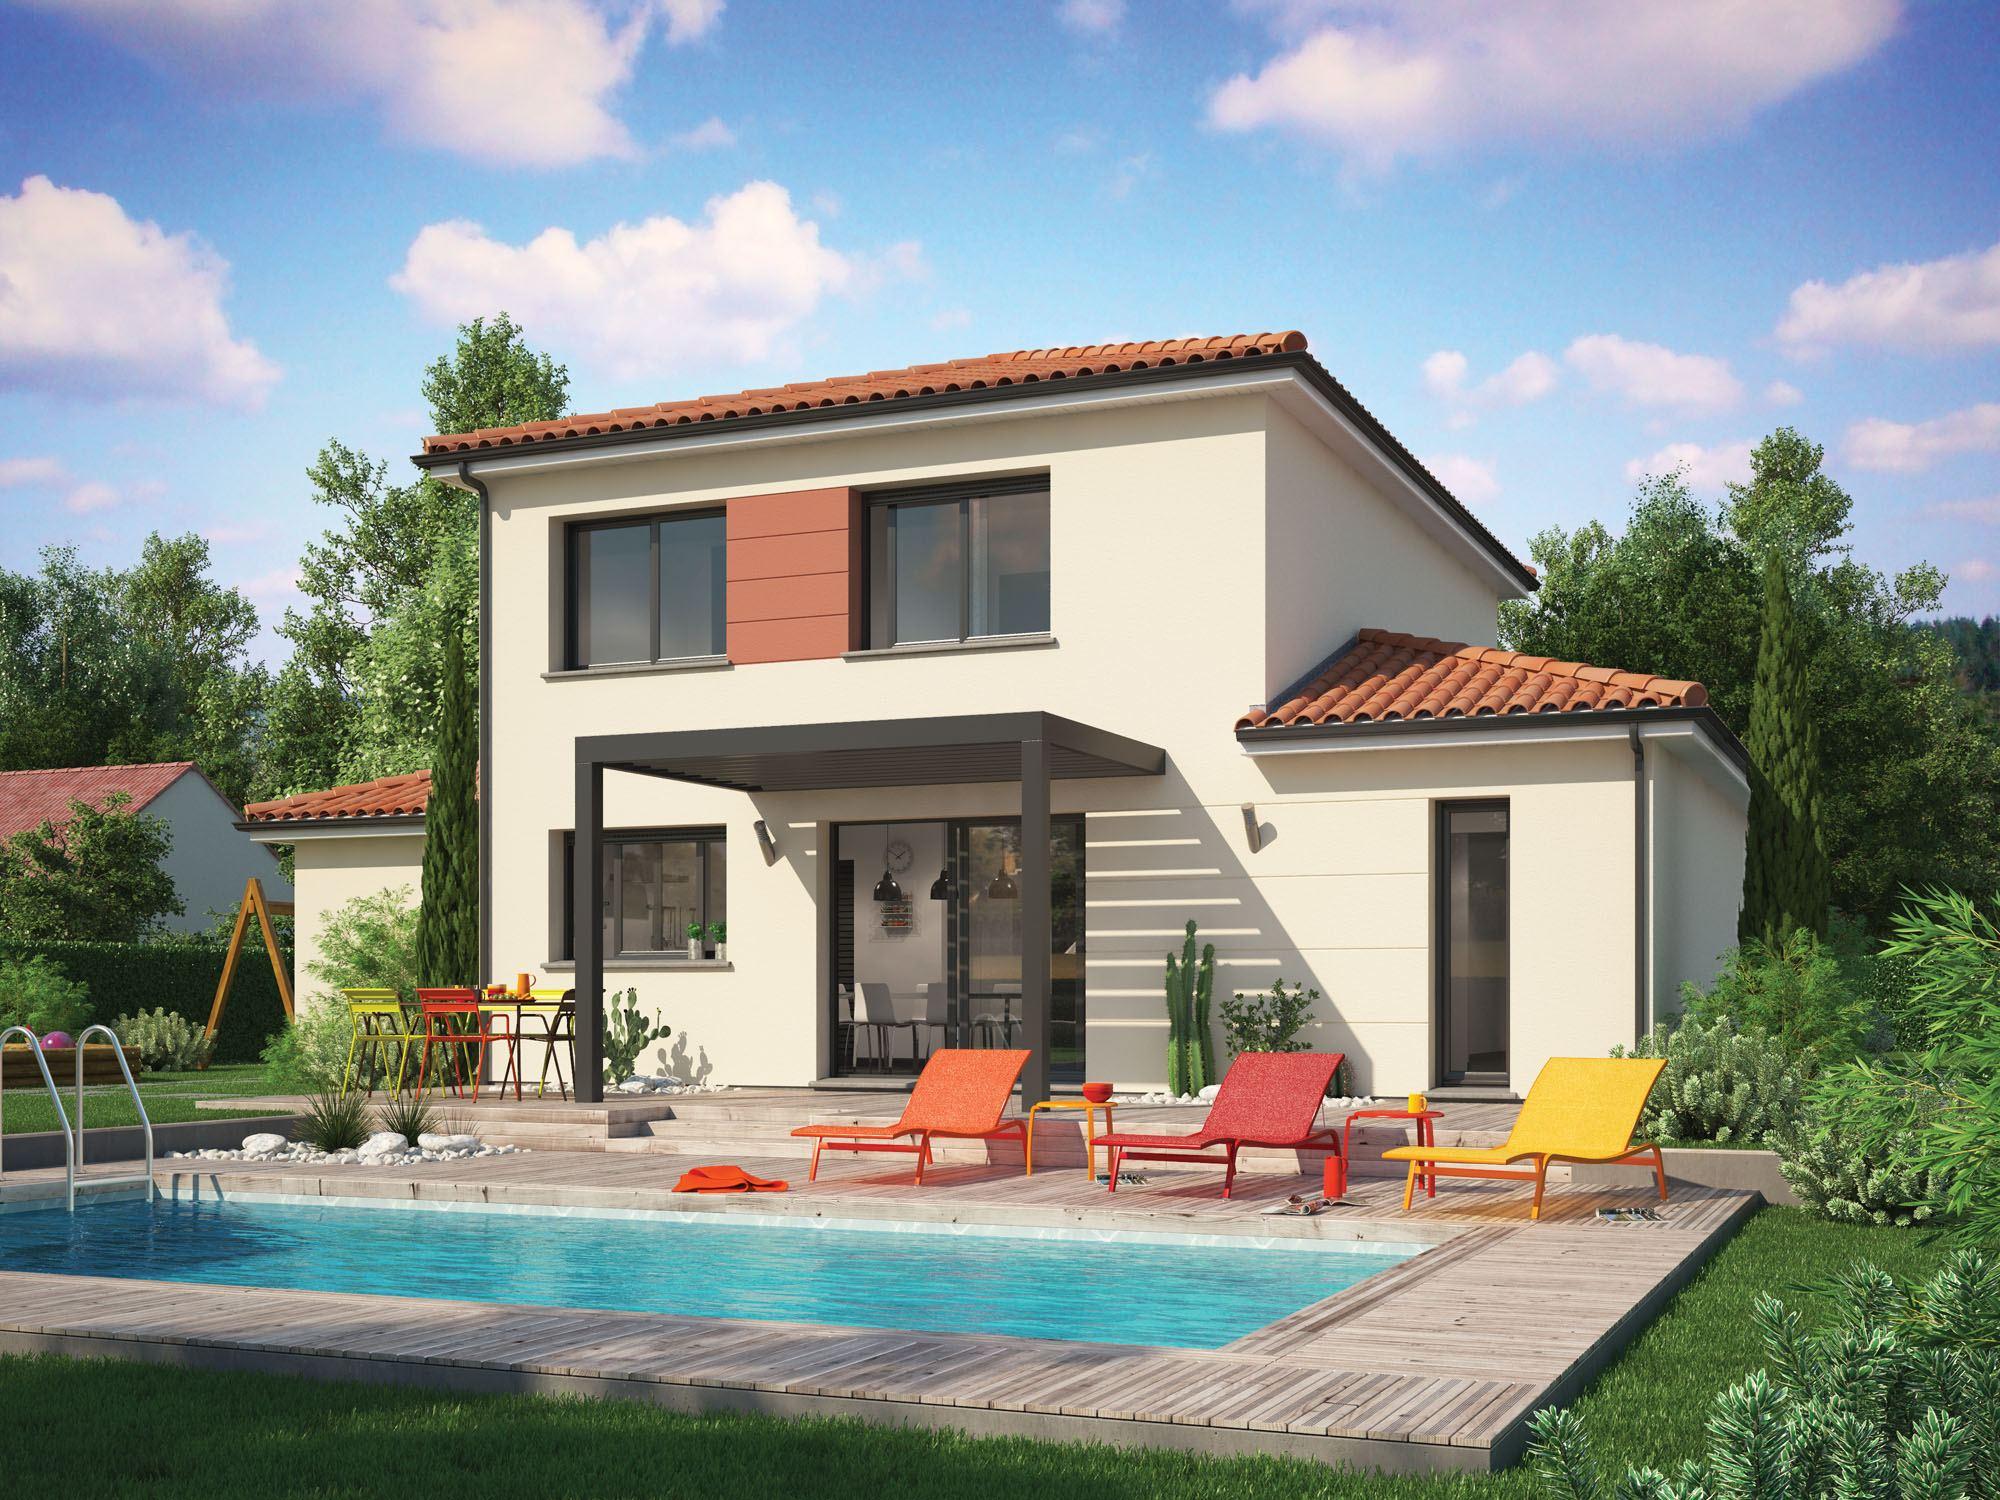 Maisons + Terrains du constructeur MAISON FAMILIALE • 112 m² • LIERGUES